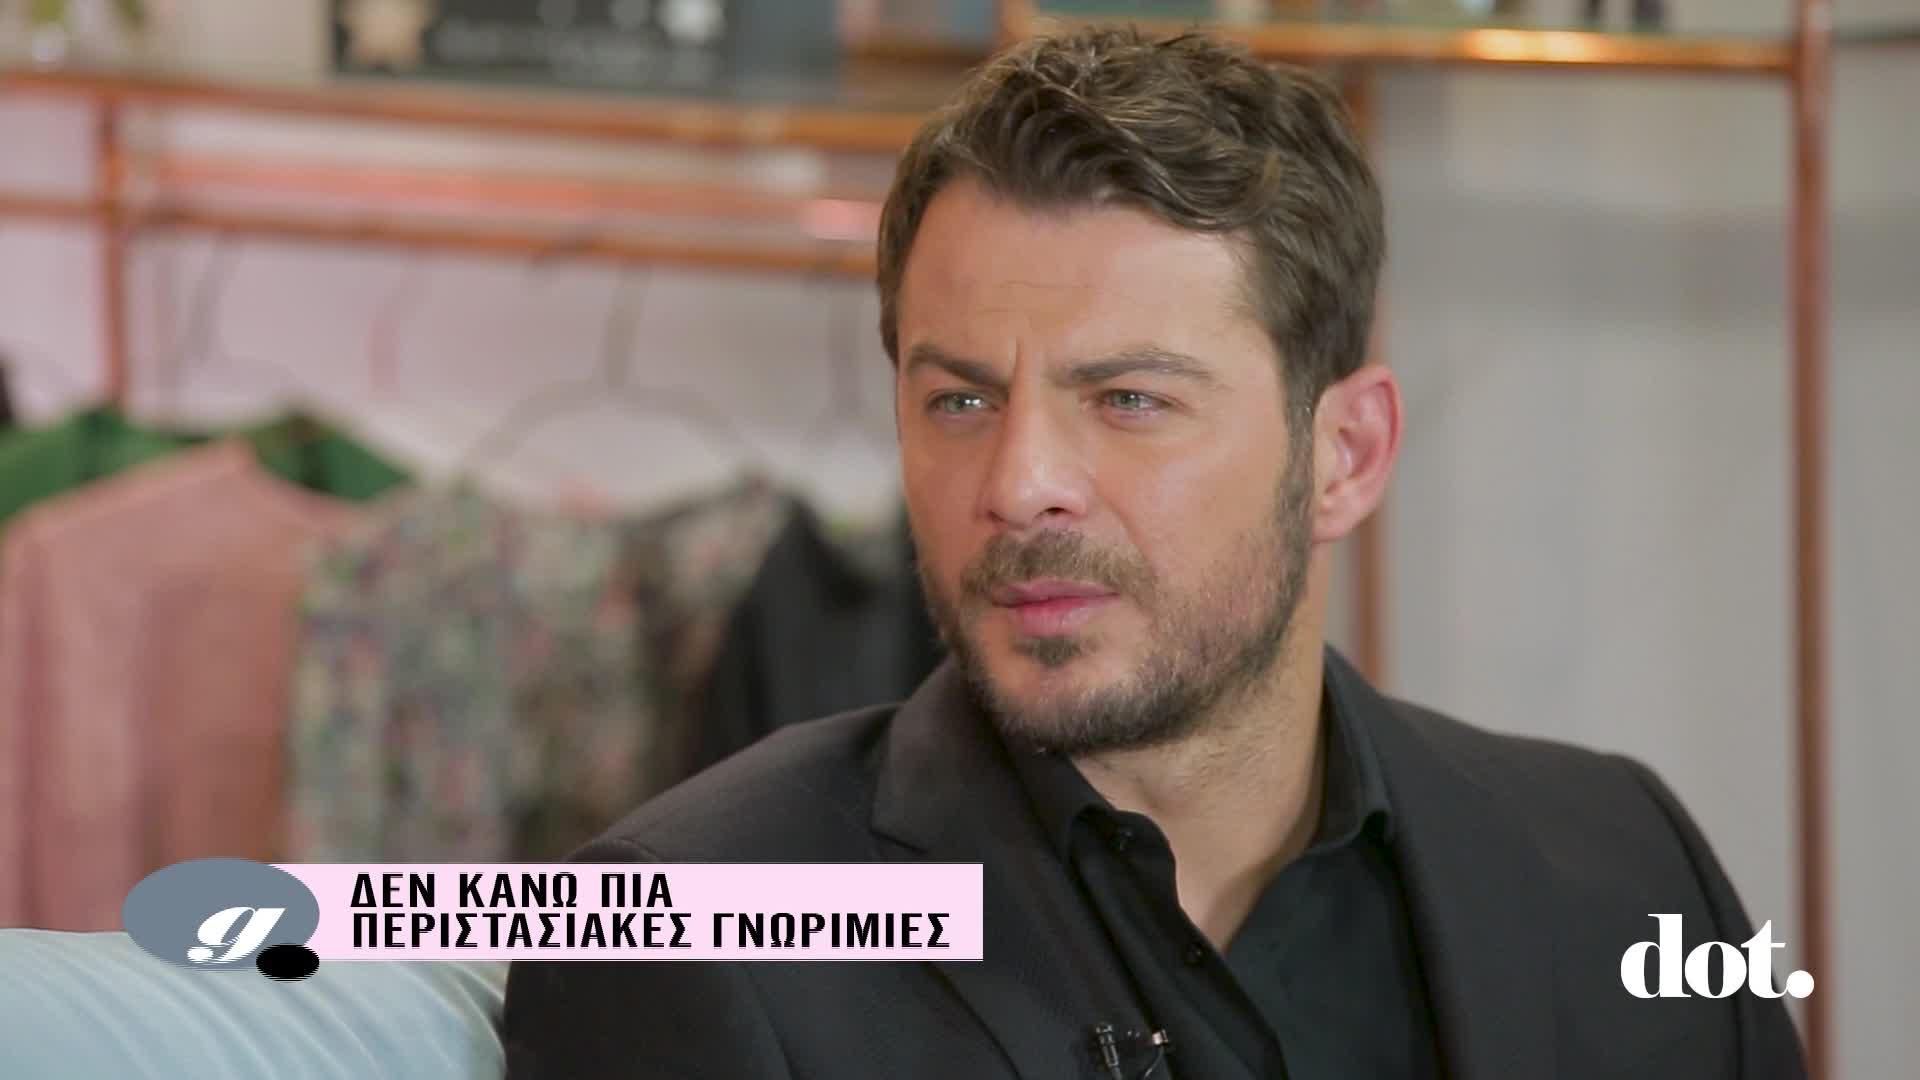 Γιώργος Αγγελόπουλος: Η σπάνια αναφορά στην προσωπική του ζωή